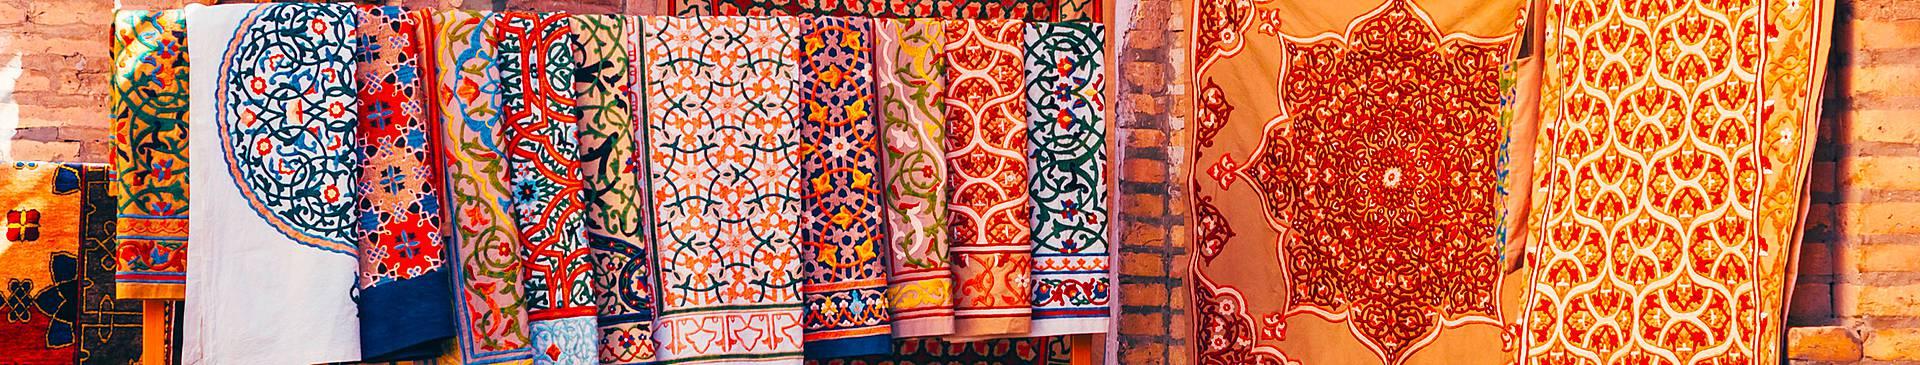 Zwei Wochen nach Usbekistan